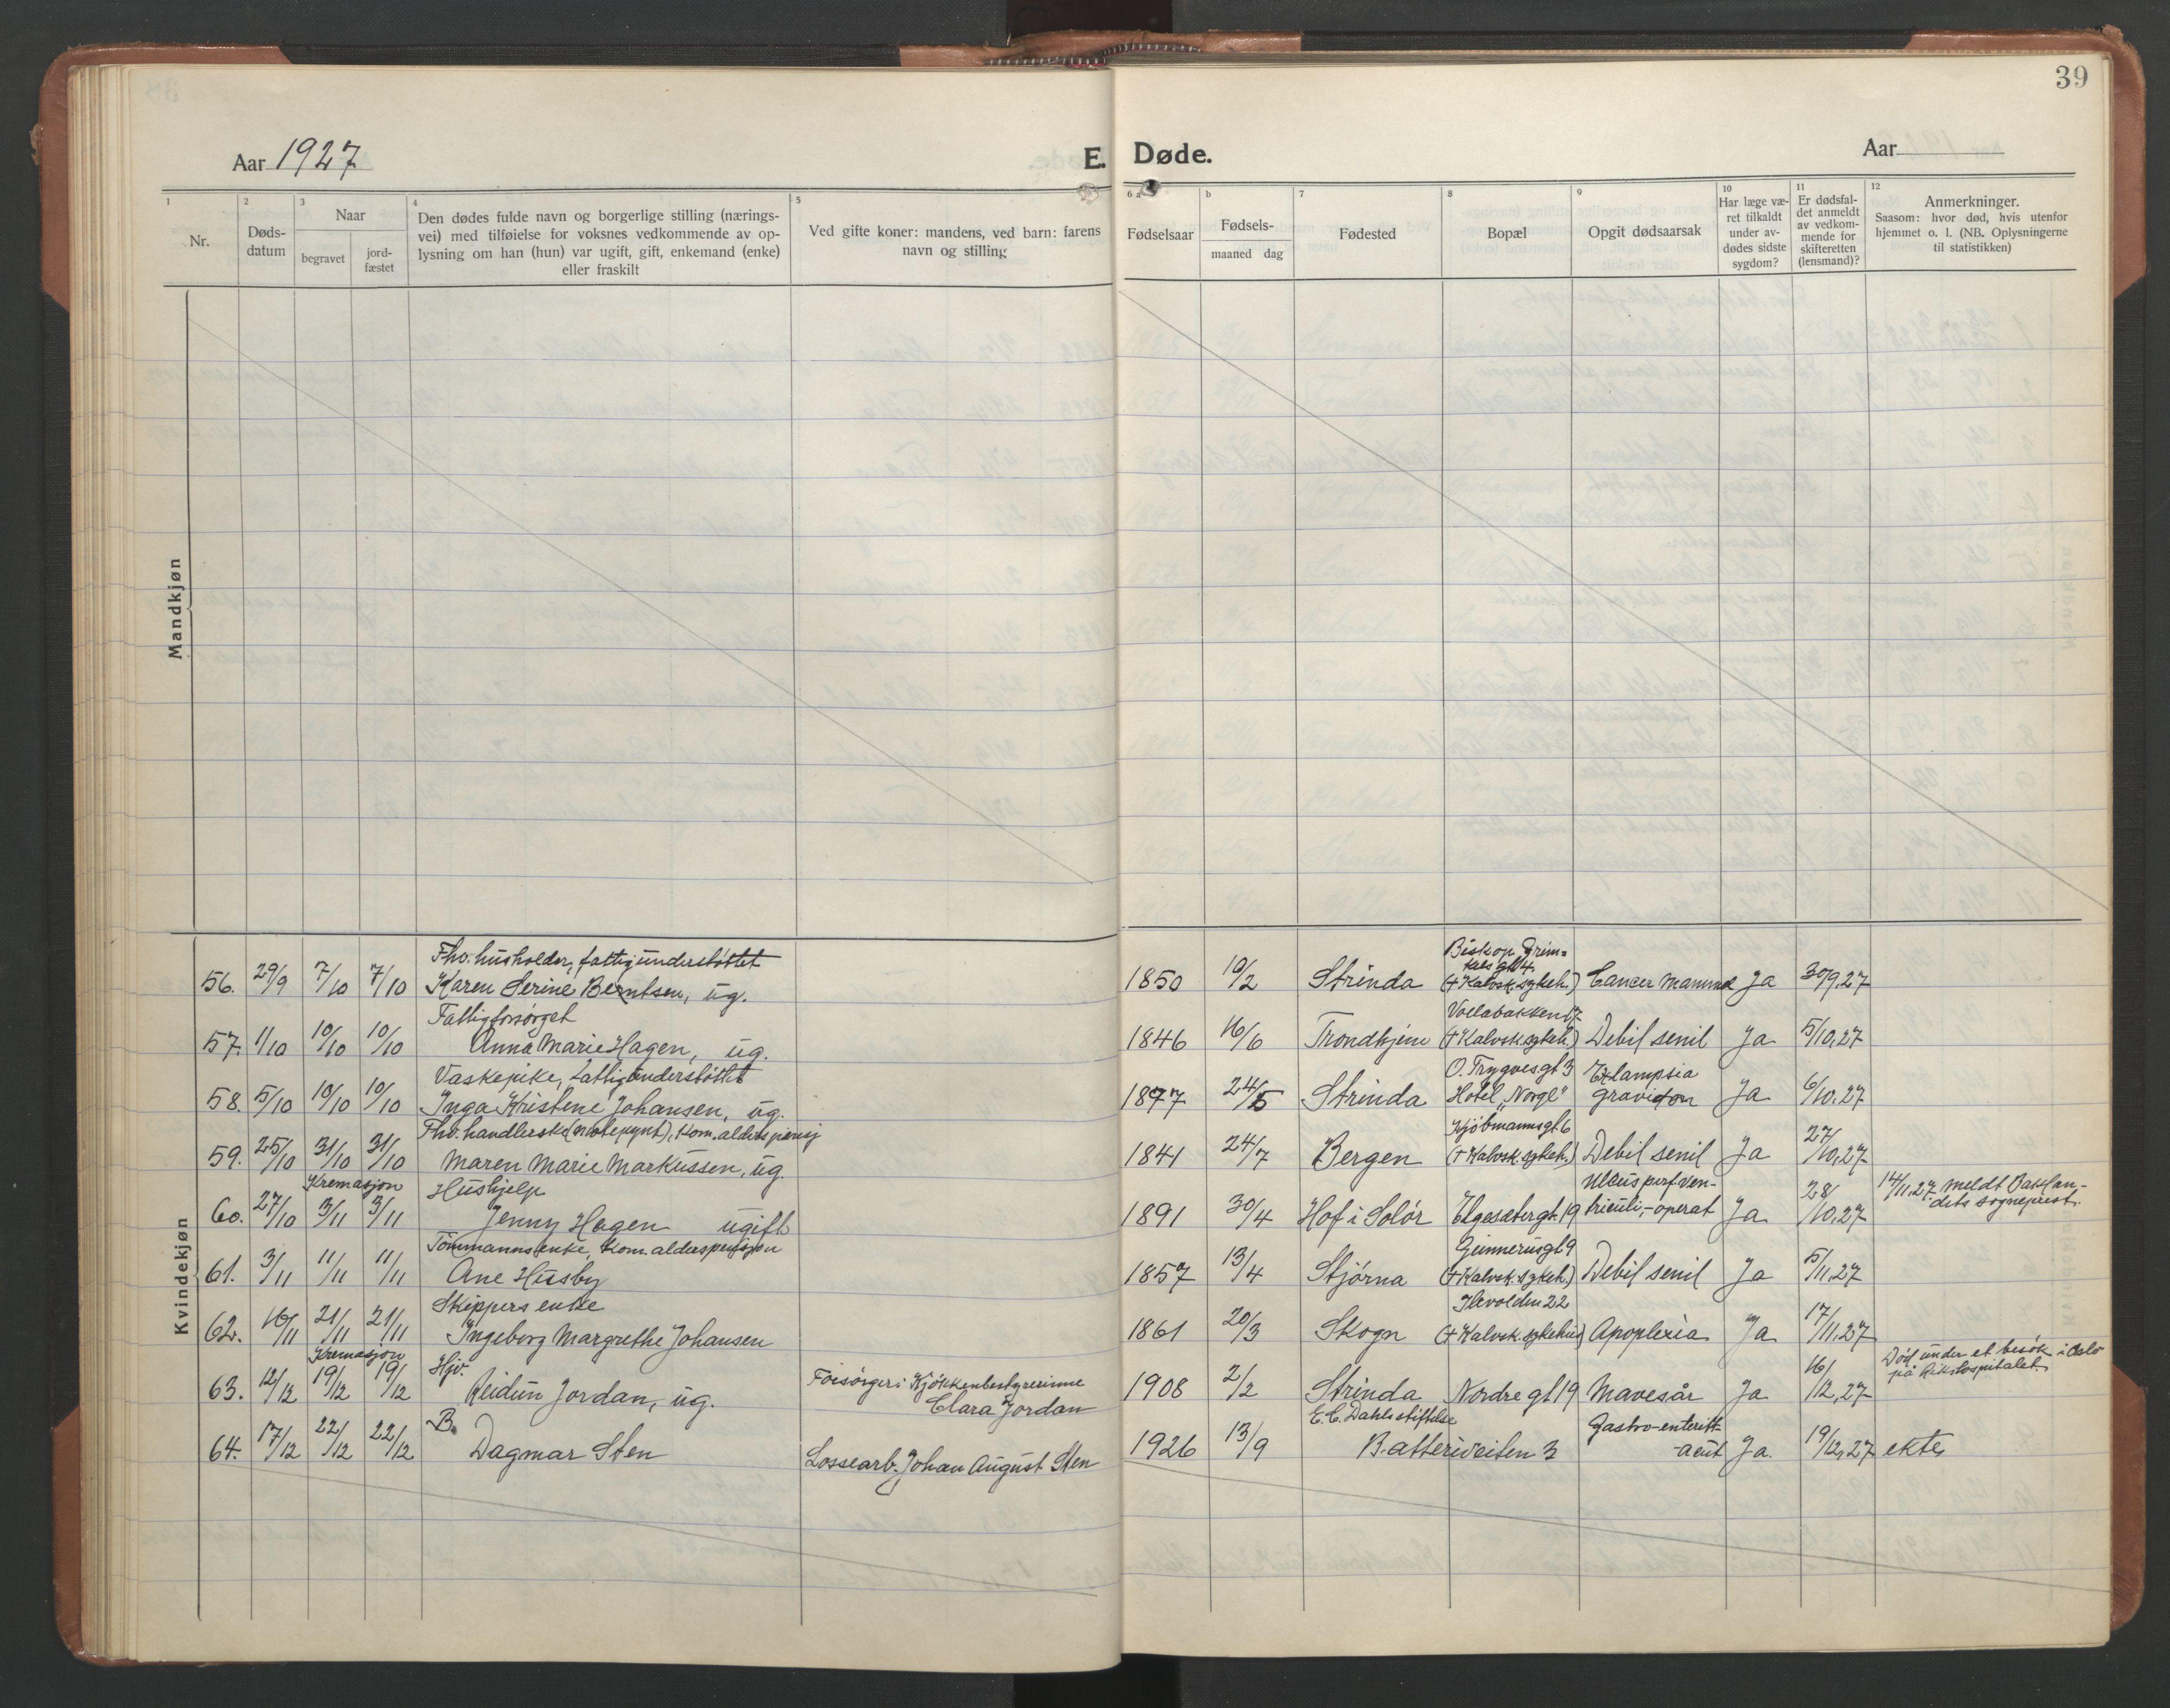 SAT, Ministerialprotokoller, klokkerbøker og fødselsregistre - Sør-Trøndelag, 602/L0150: Klokkerbok nr. 602C18, 1922-1949, s. 39